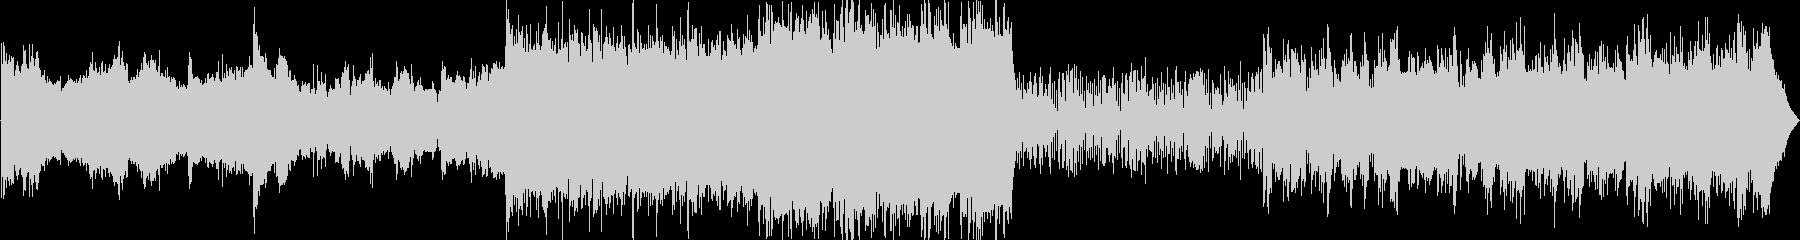 シタールオーケストラアジアループの未再生の波形